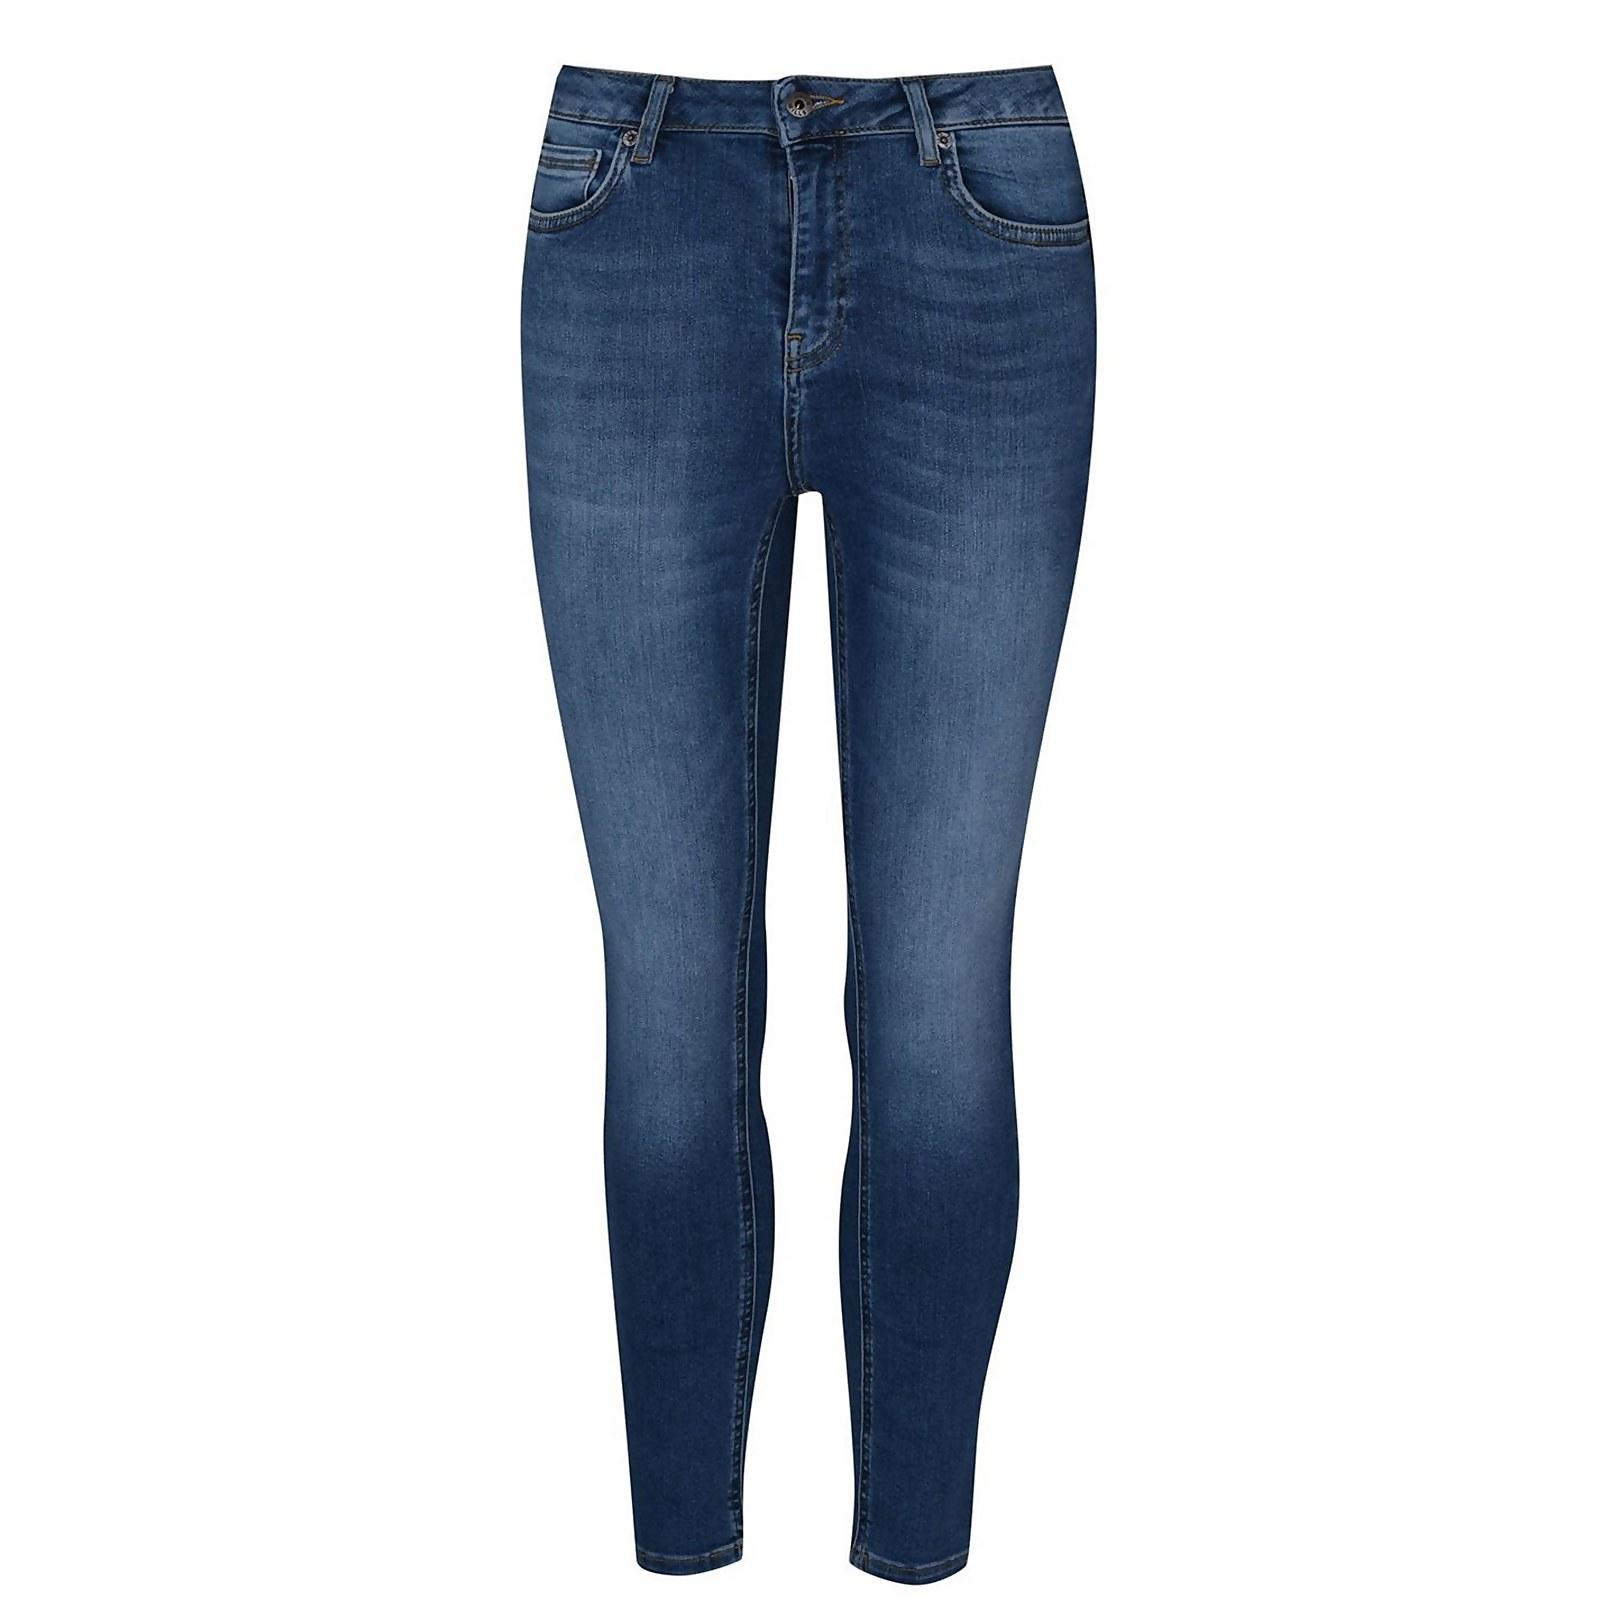 Sancomb Crop Jeans - Mid Indigo - 32 L26